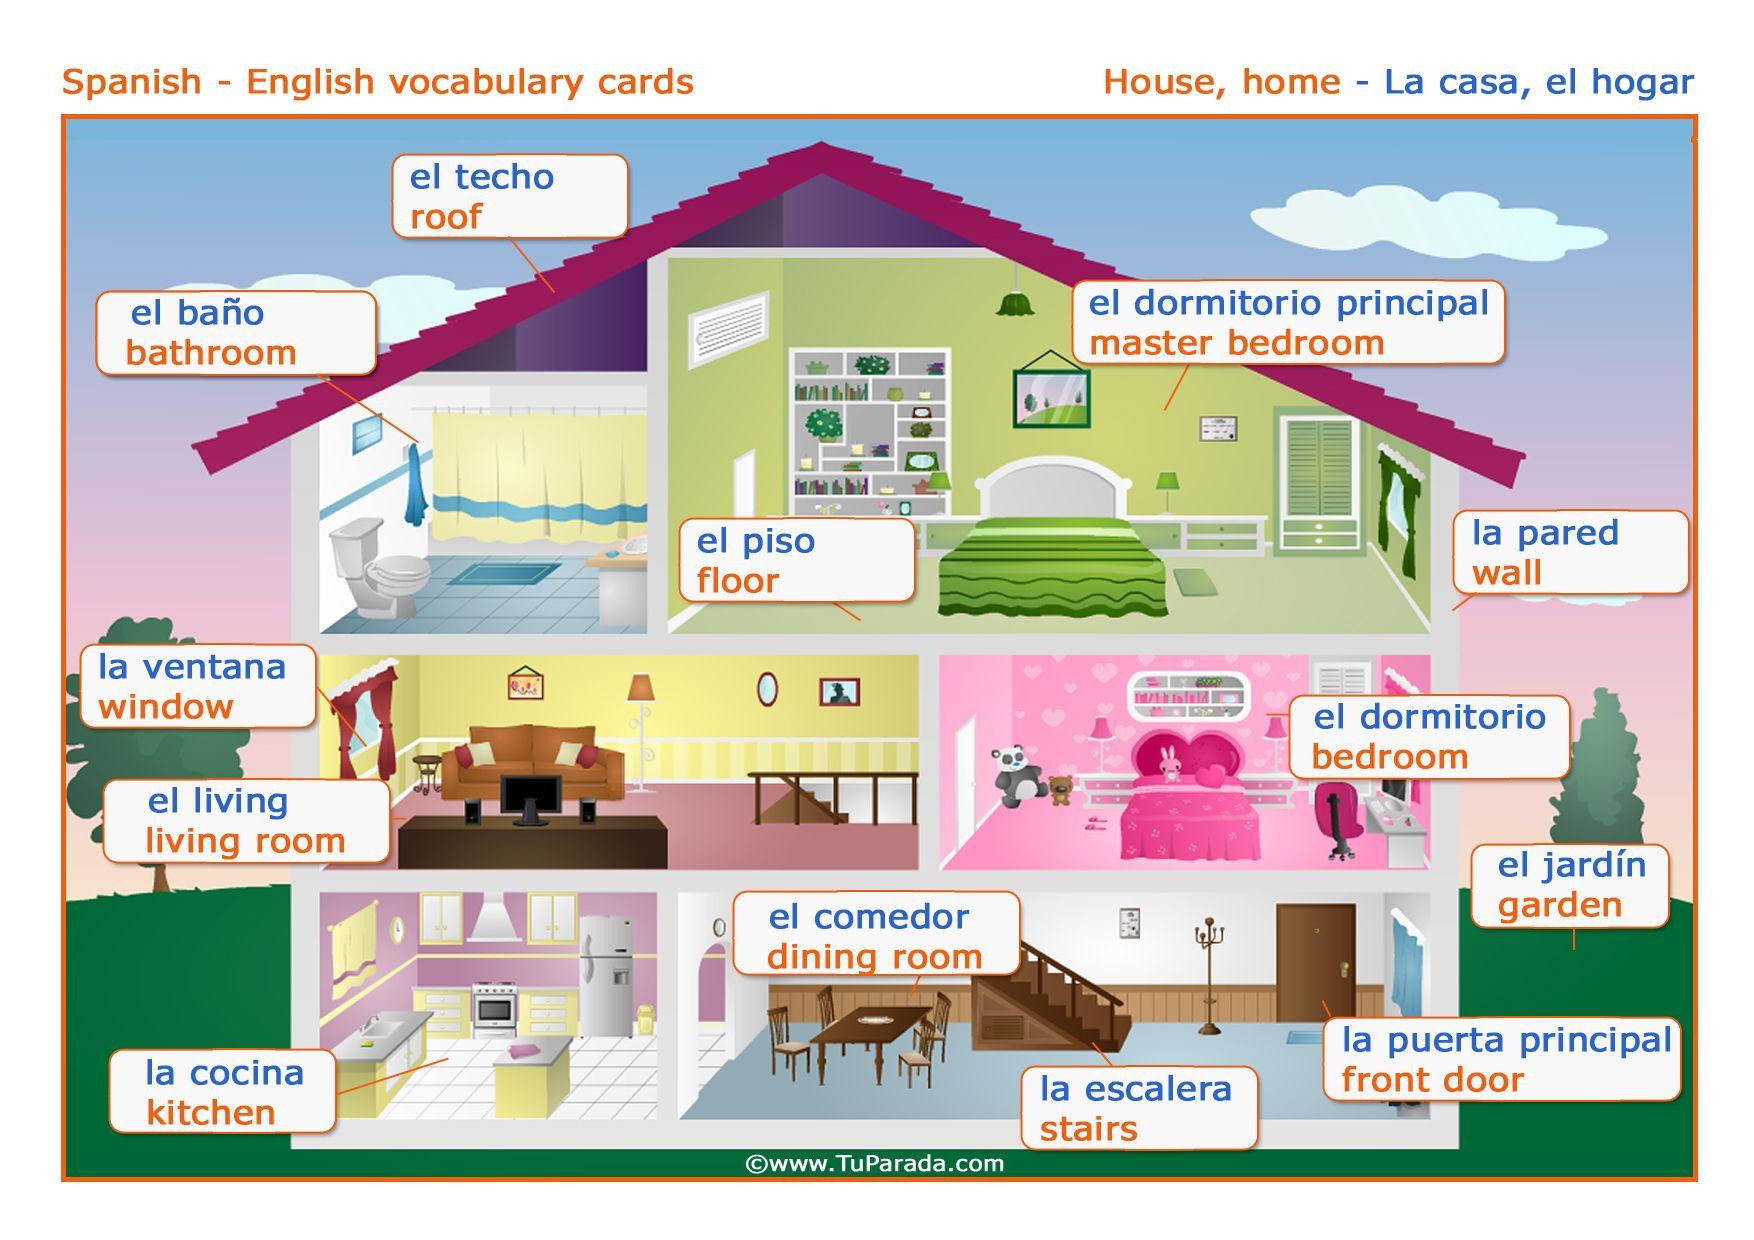 Vocabulario Casa House English Vocabulary Vocabulary